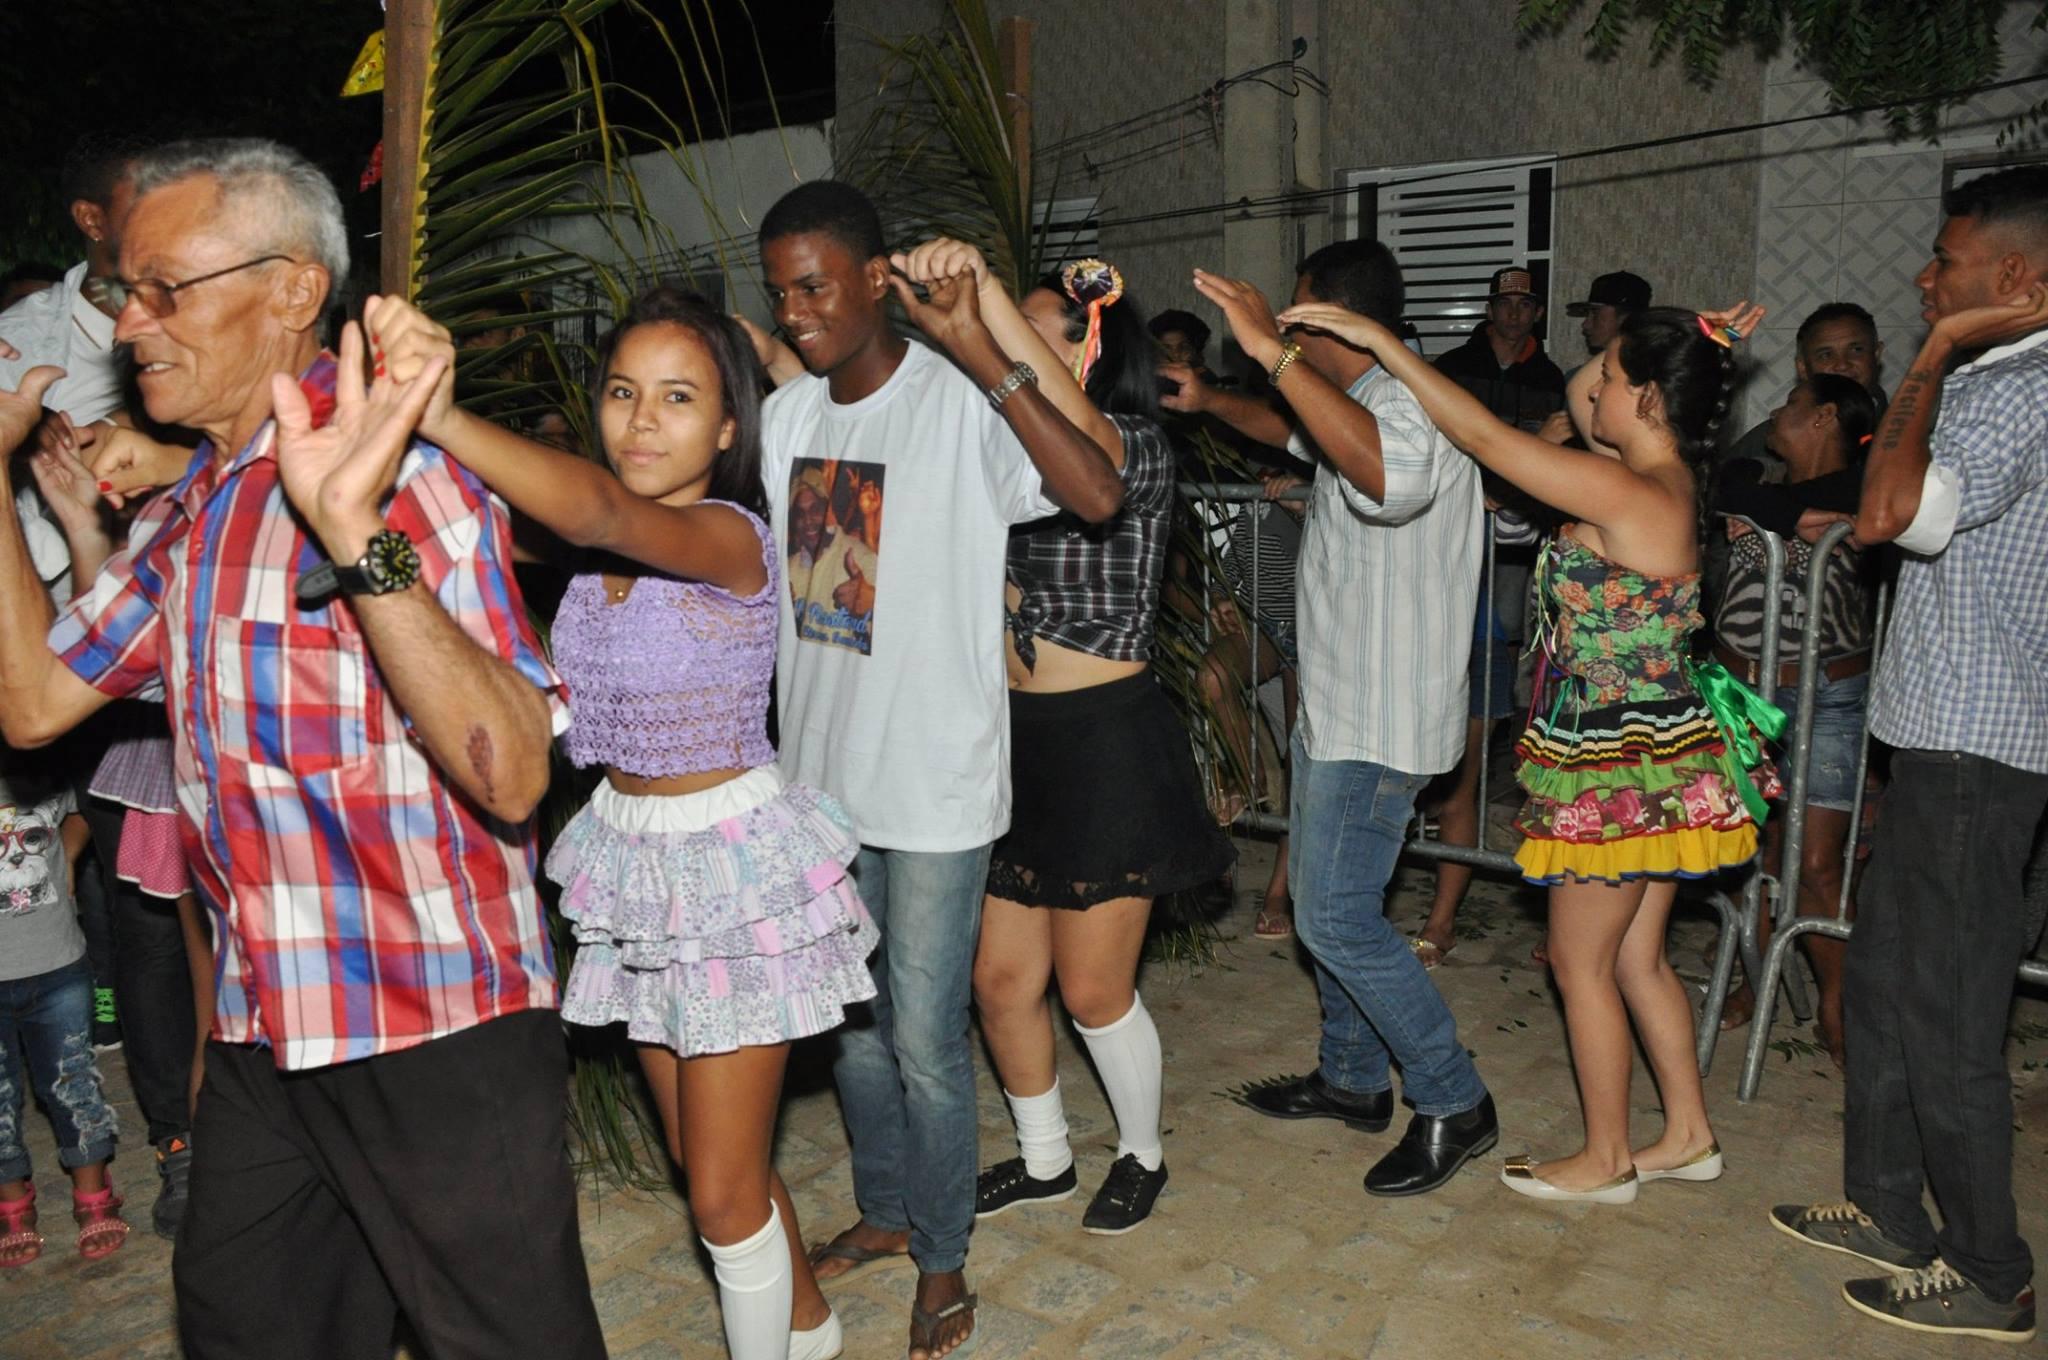 19092962_1899328777006979_2375883204599863045_o-1024x680 OPIPOCO mostra como foi a Segunda noite do festival de quadrilhas em Monteiro. Confira Imagens